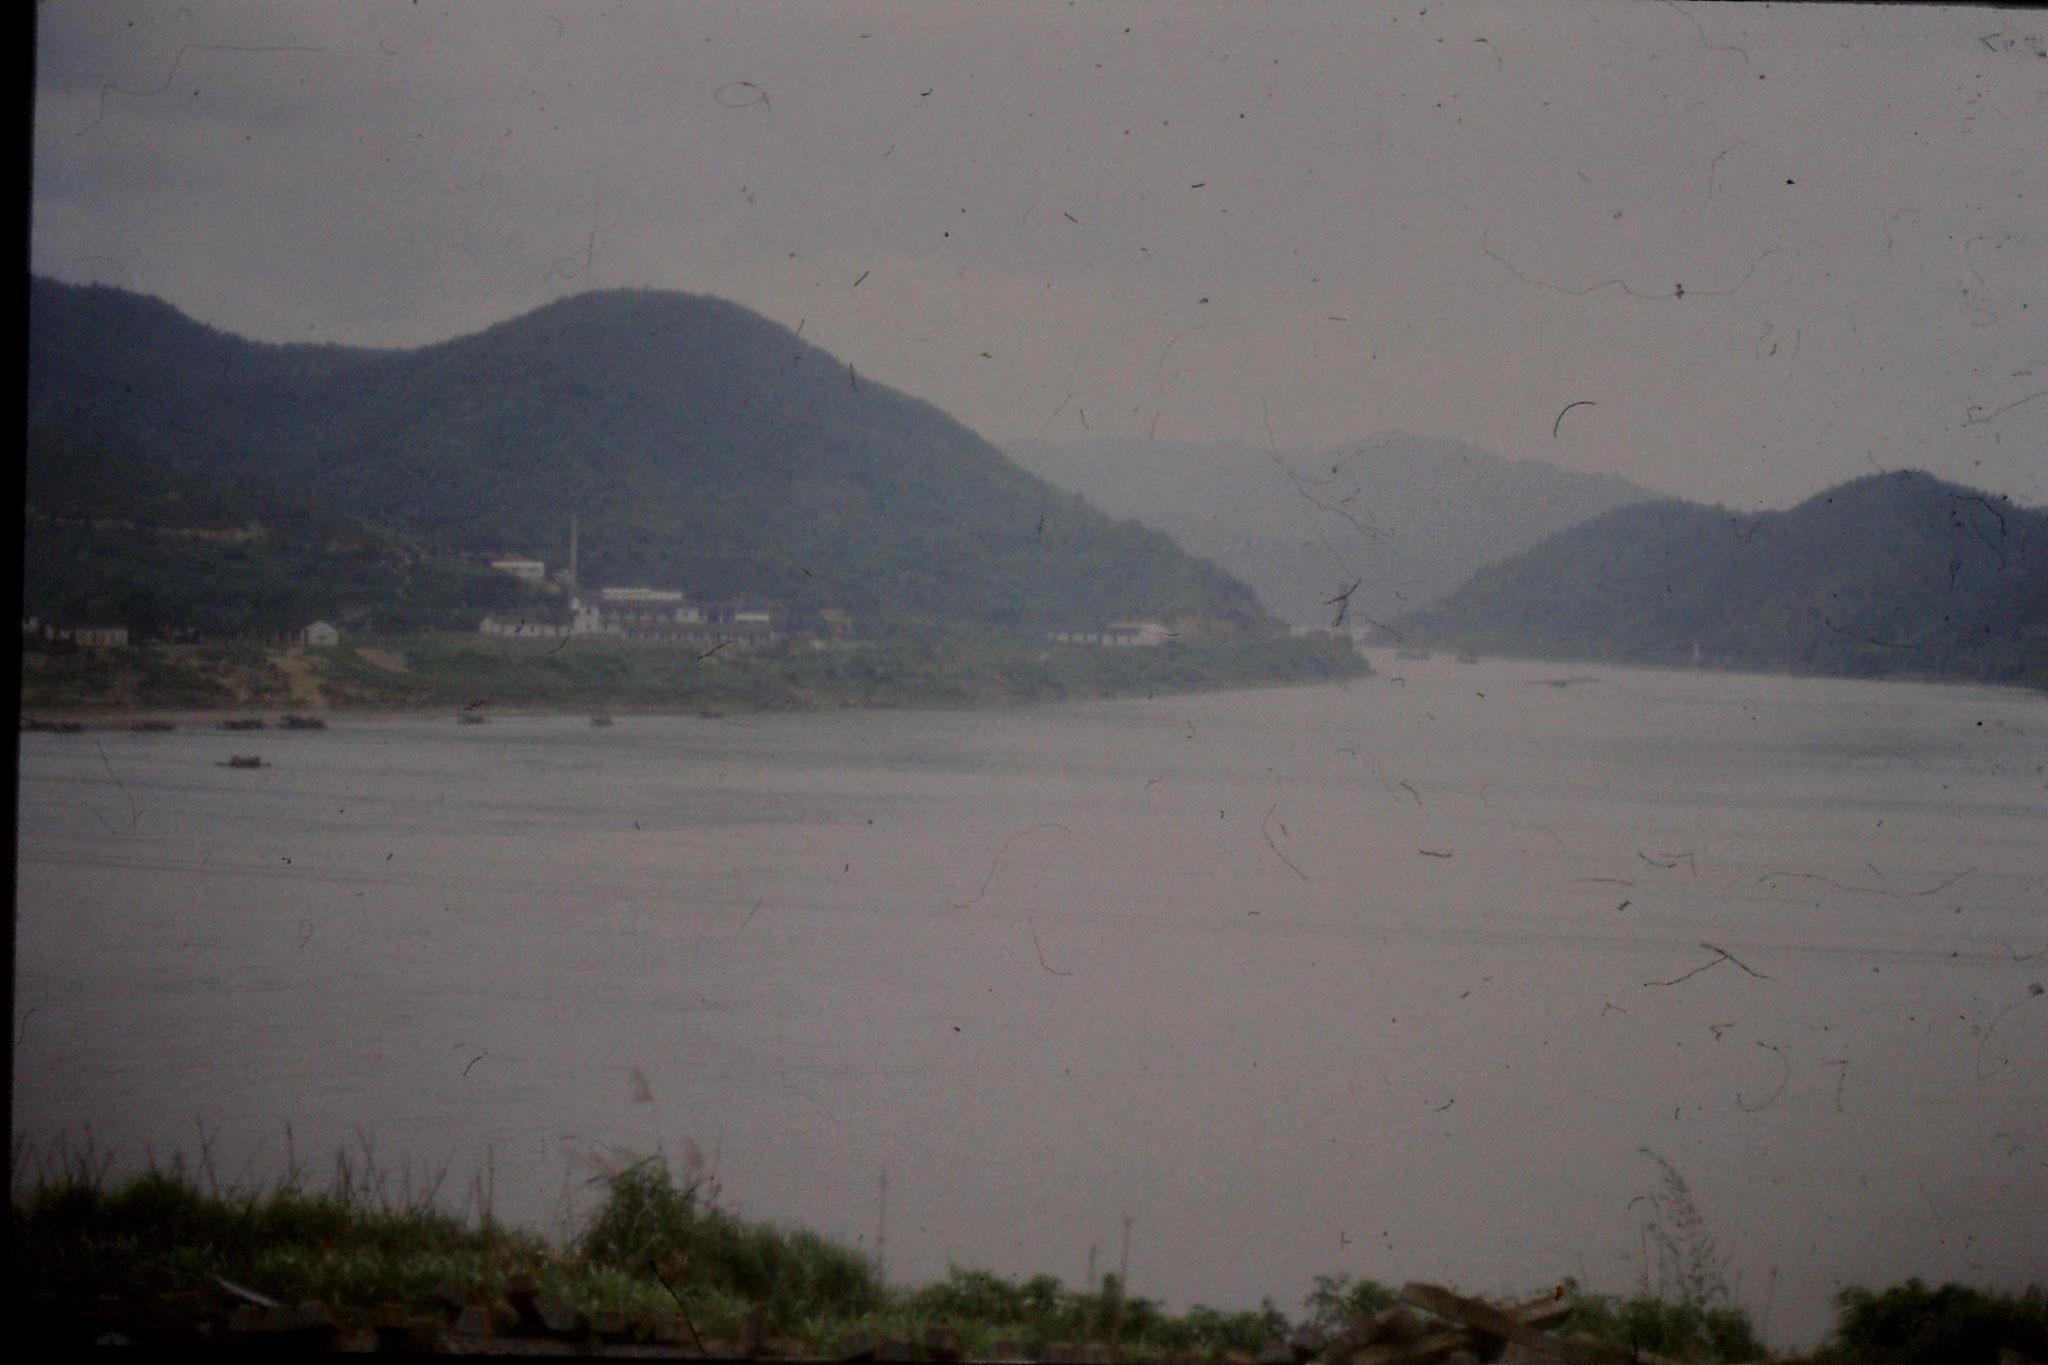 20/5/1989: 19: Guangzhou to Hangzhou, Pearl River